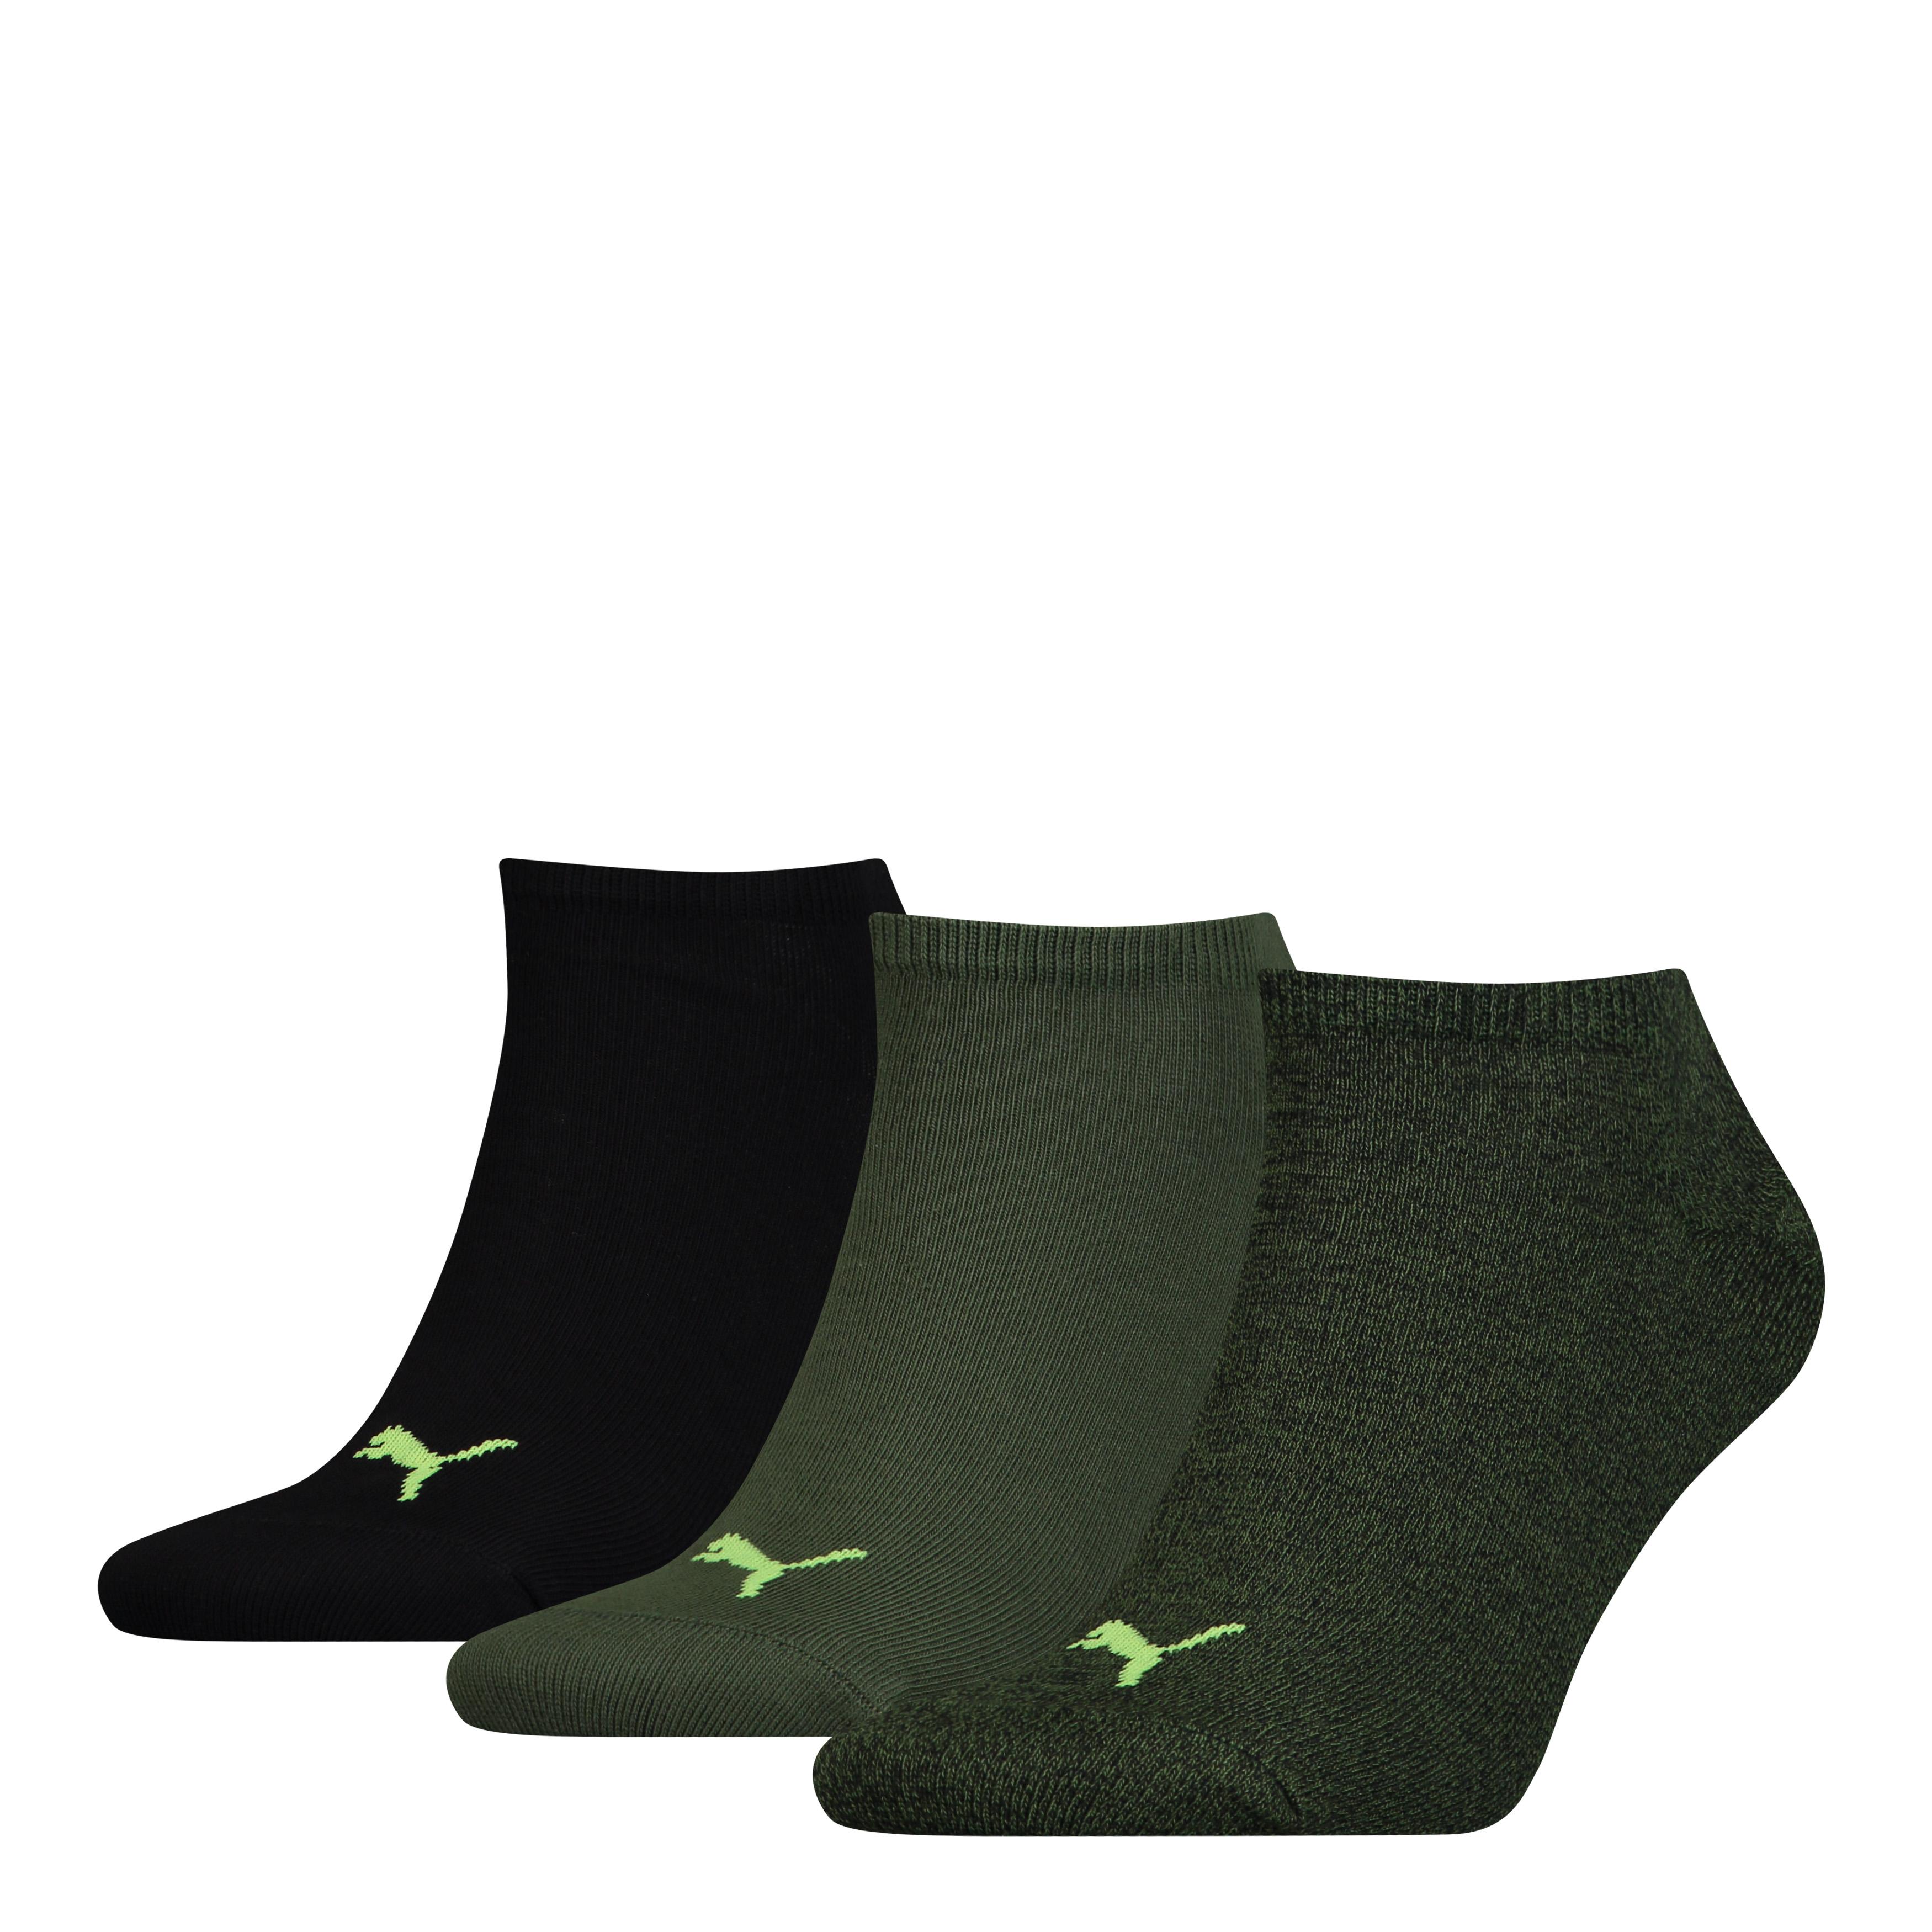 Puma sokken sneaker plain Black - Green 3-pack-35/38